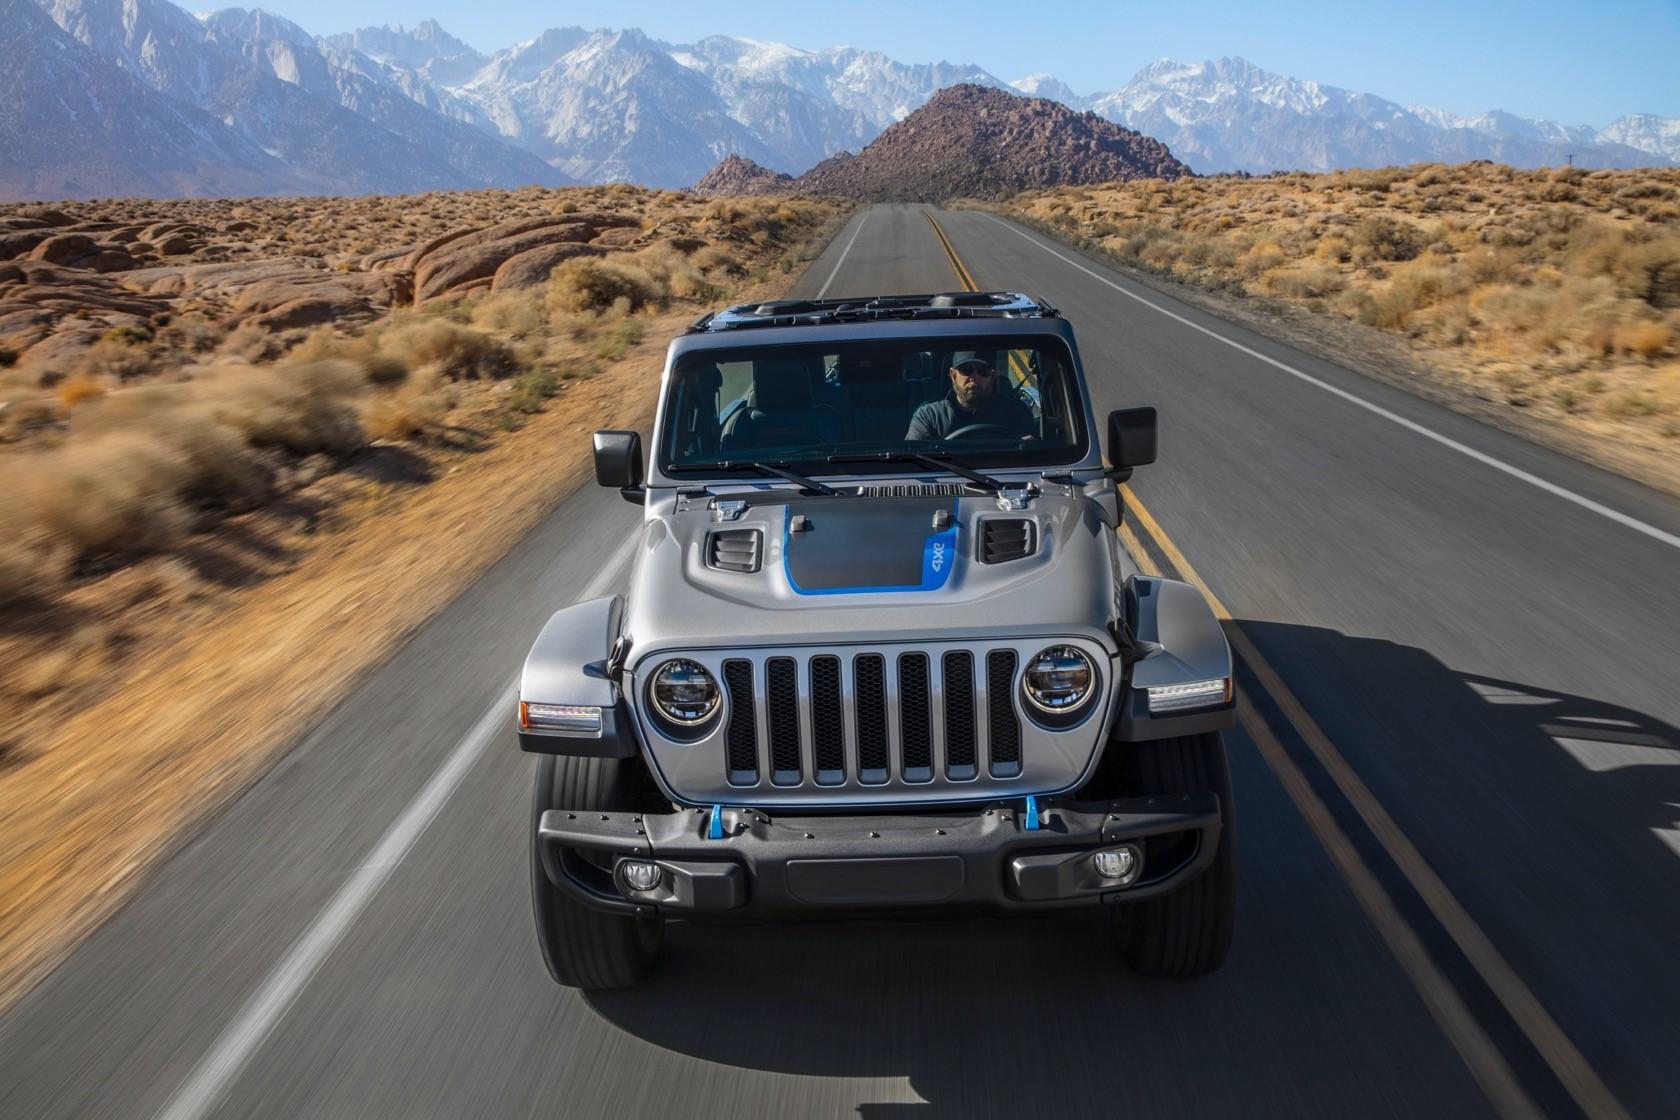 2021年吉普牧马人4xe混合动力SUV价格确定